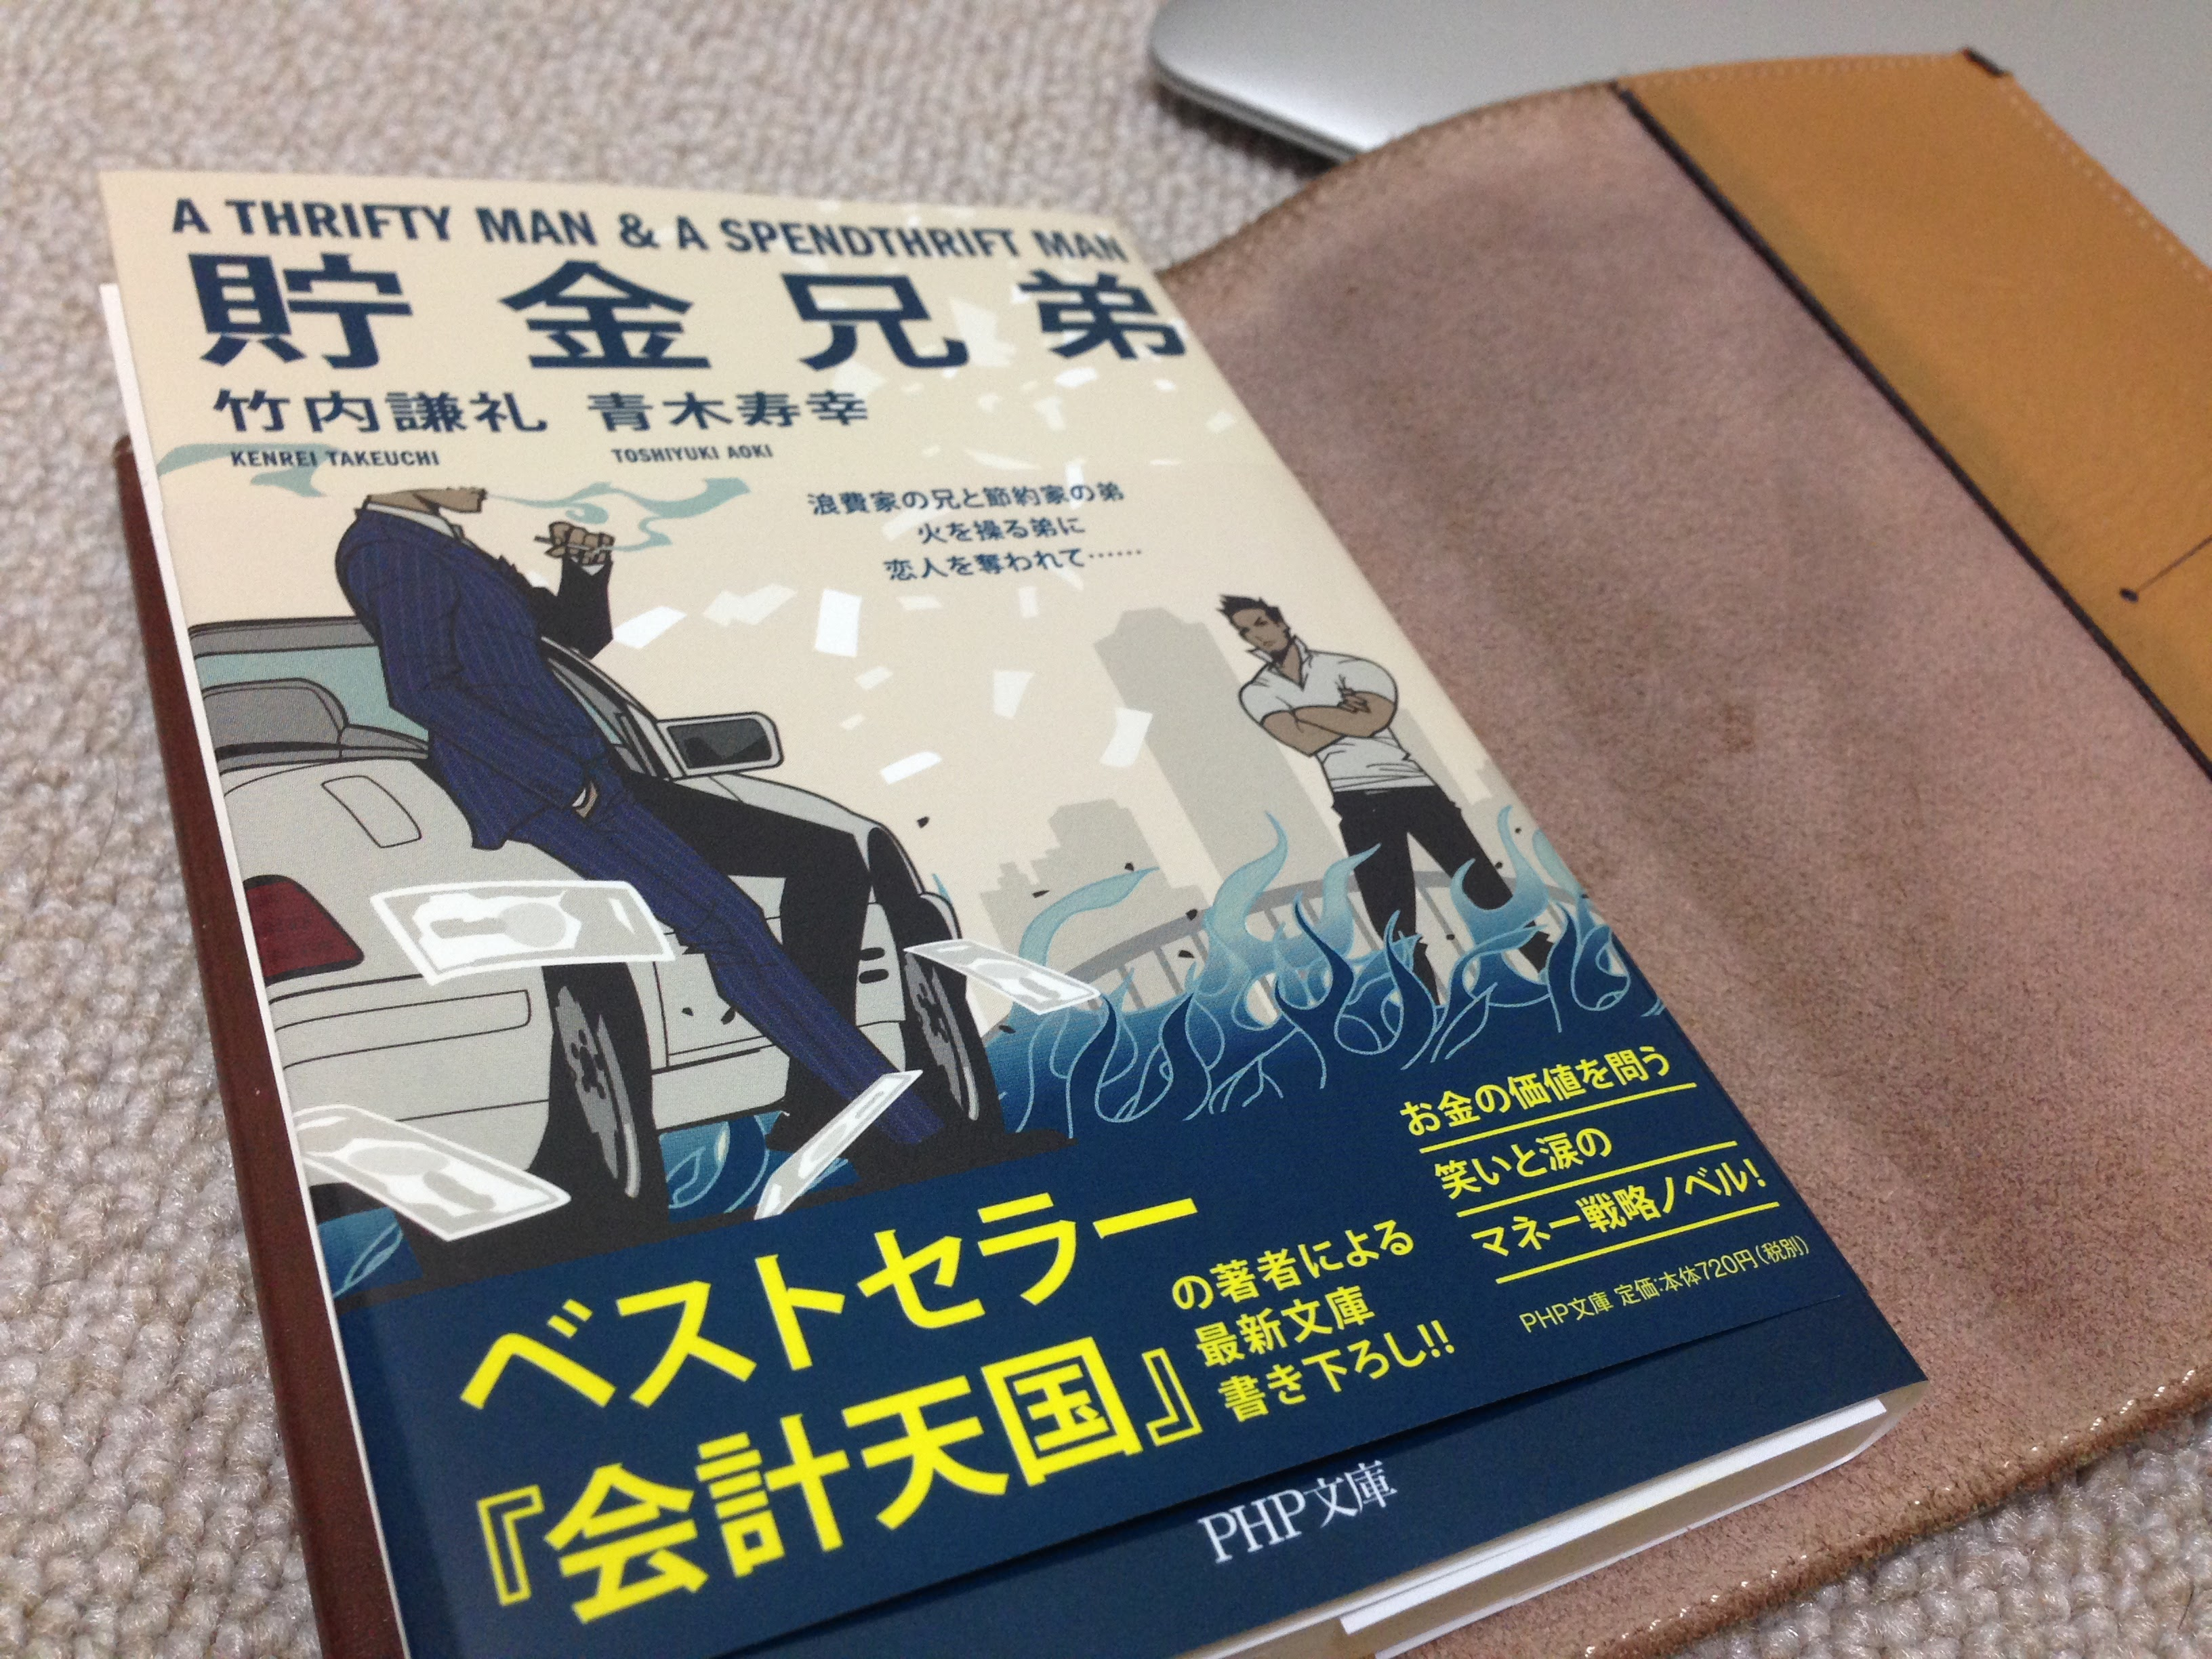 お金の知識を得るなら『貯金兄弟』がおすすめ!損したくないなら必読